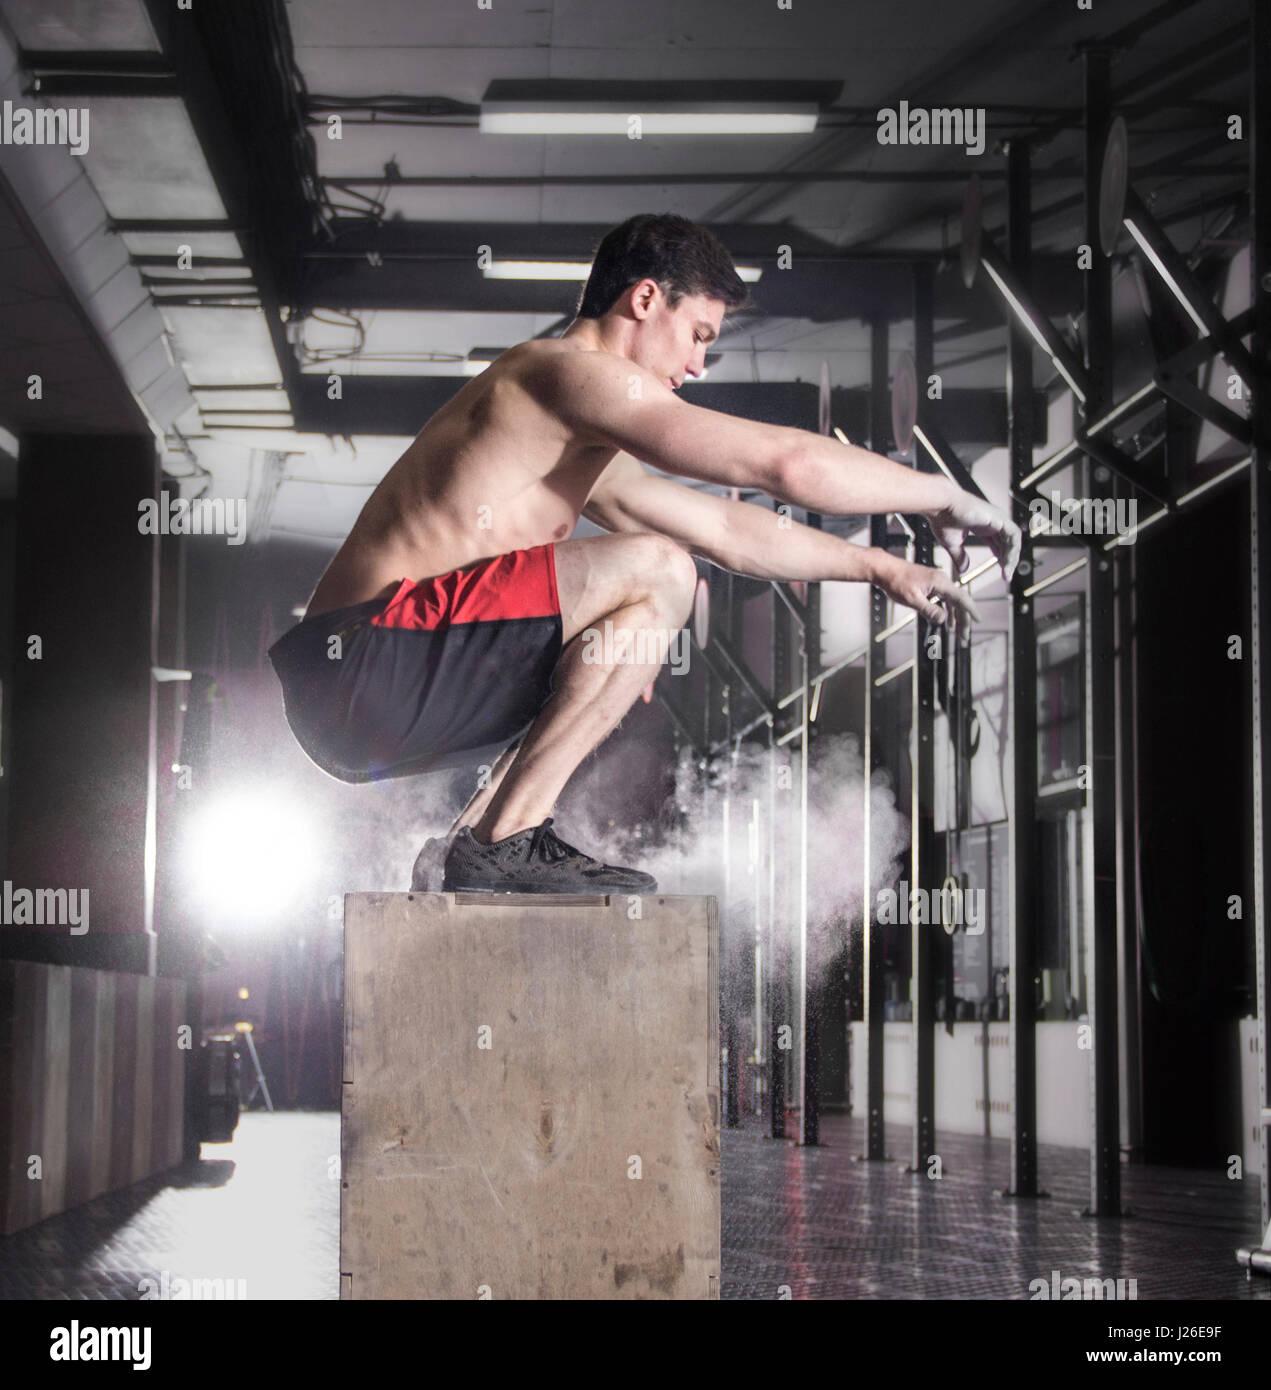 Montare il giovane uomo box jumping in una palestra crossfit.atleta è performin Immagini Stock